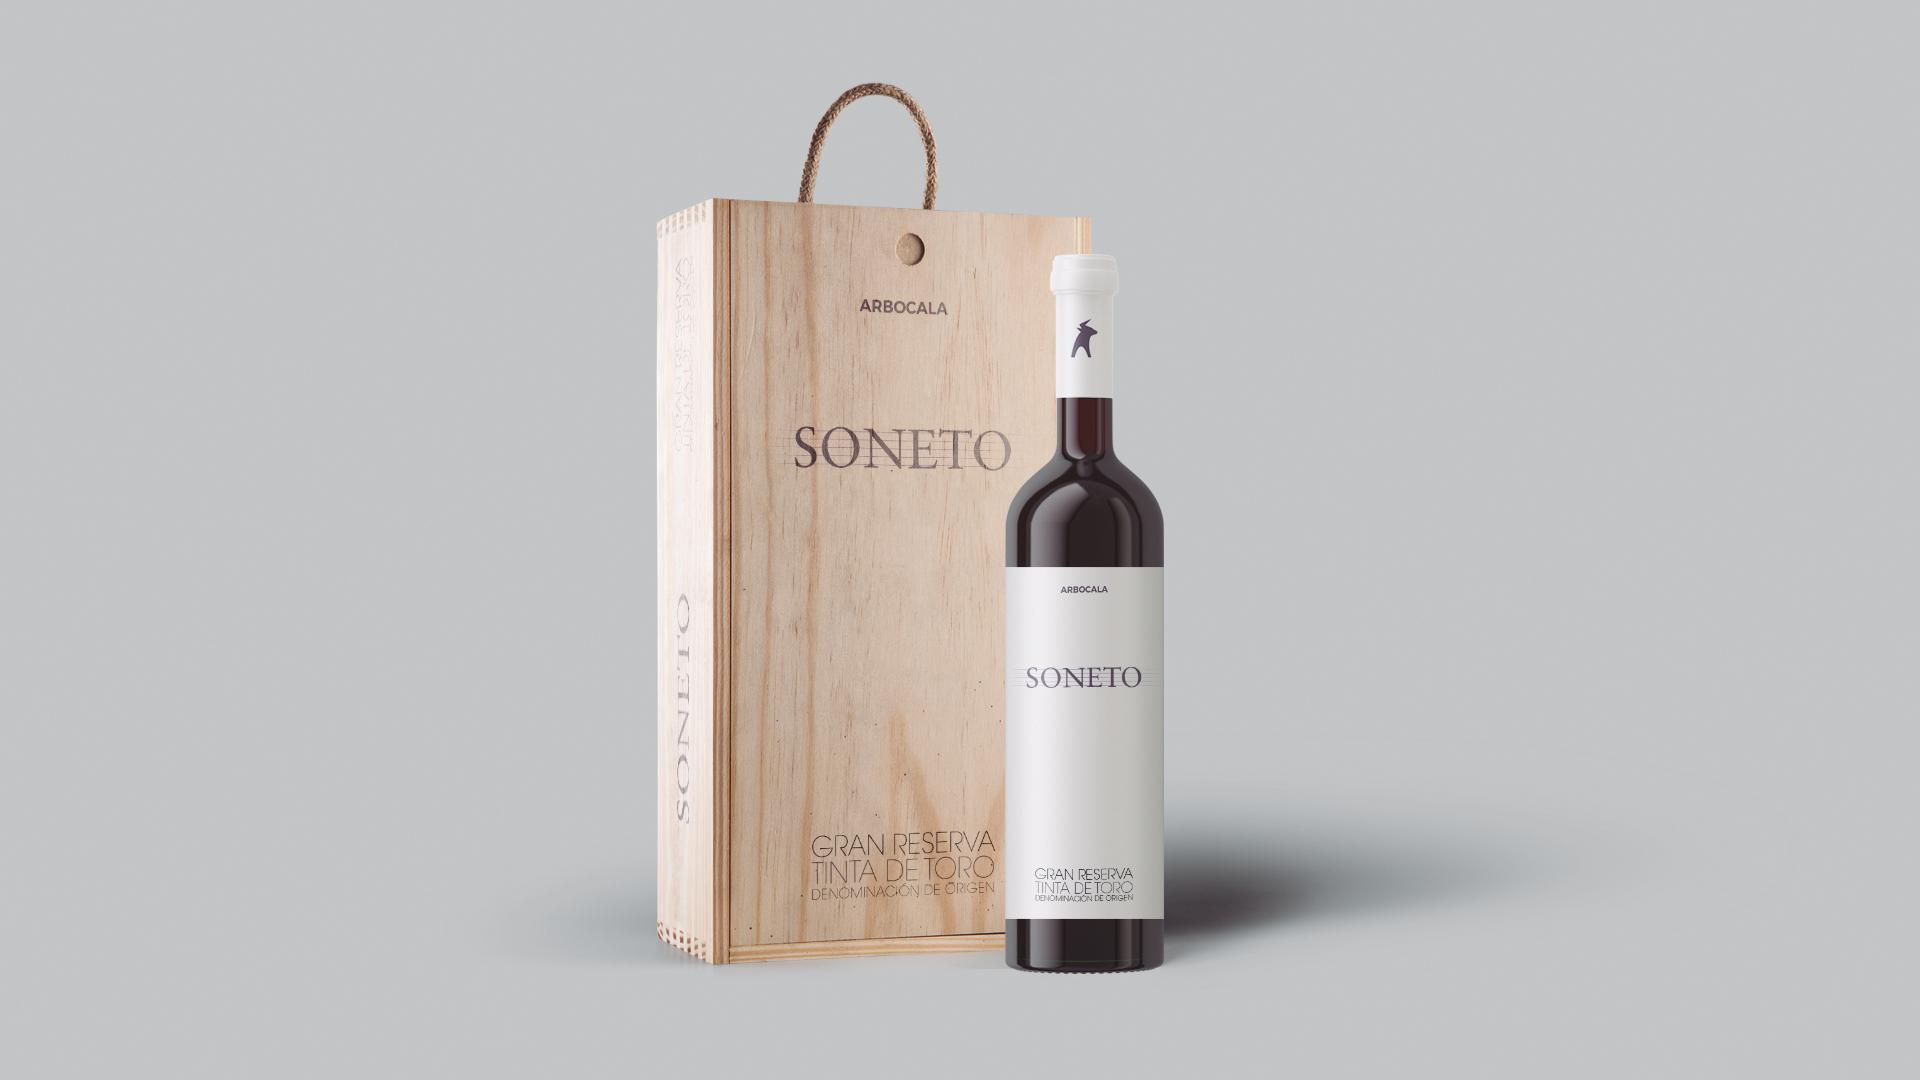 Vino Soneto